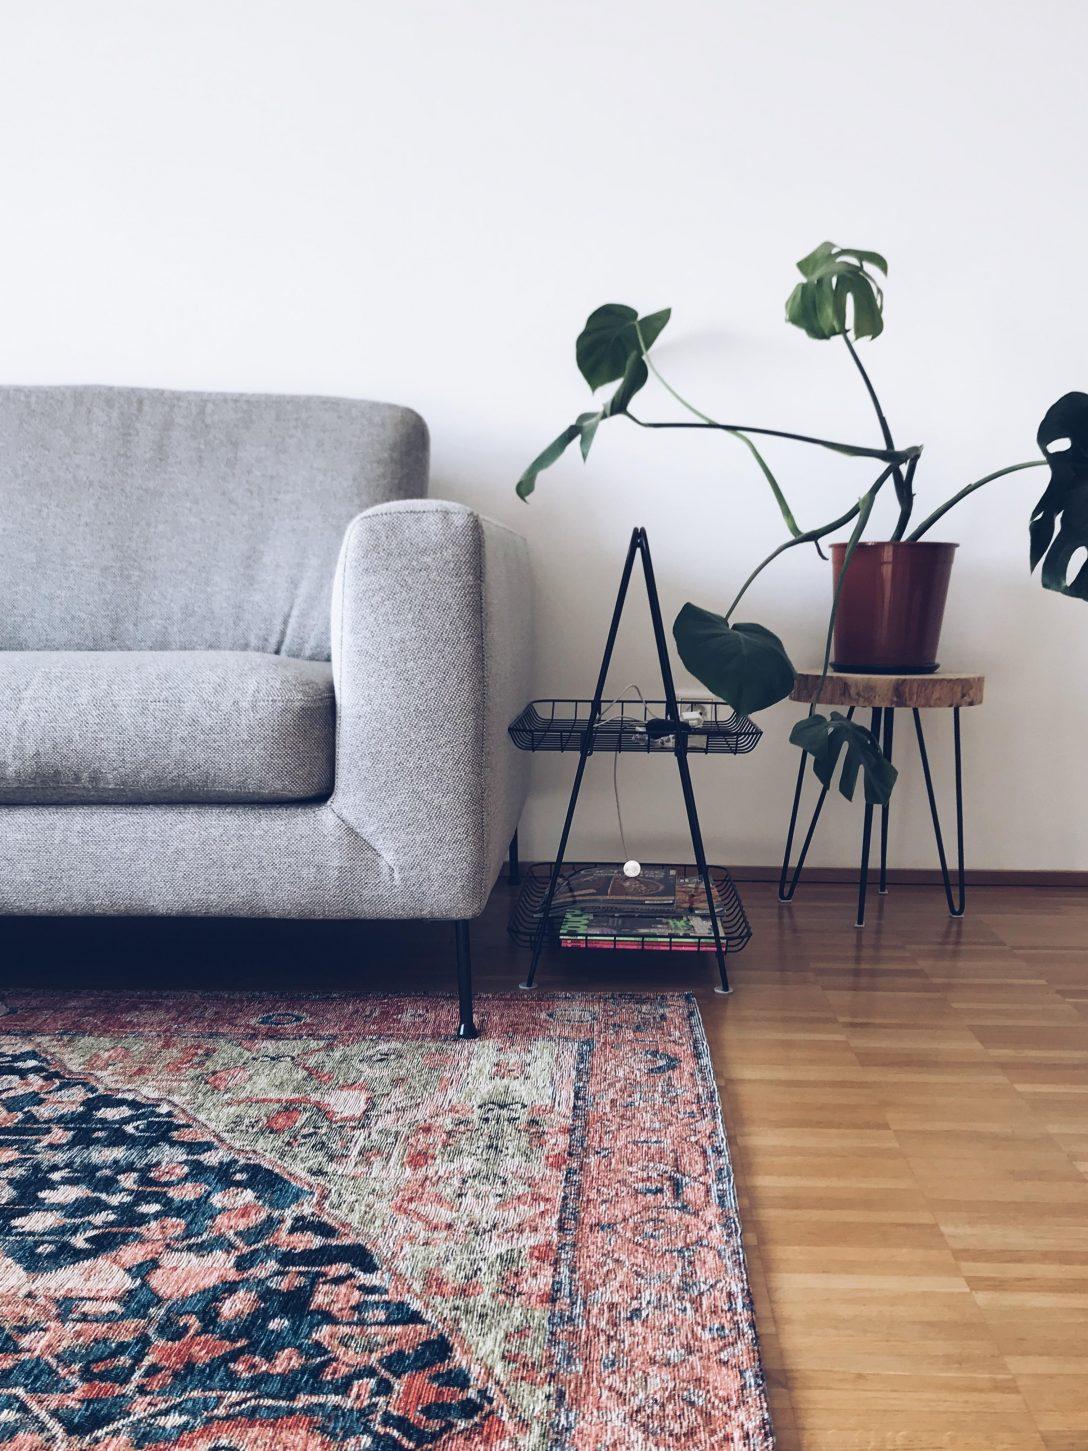 Full Size of Teppich 300x400 Wohnzimmer Weich Mit Auslegen Wolle Fr Liege Schlafzimmer Steinteppich Bad Teppiche Küche Badezimmer Für Esstisch Wohnzimmer Teppich 300x400